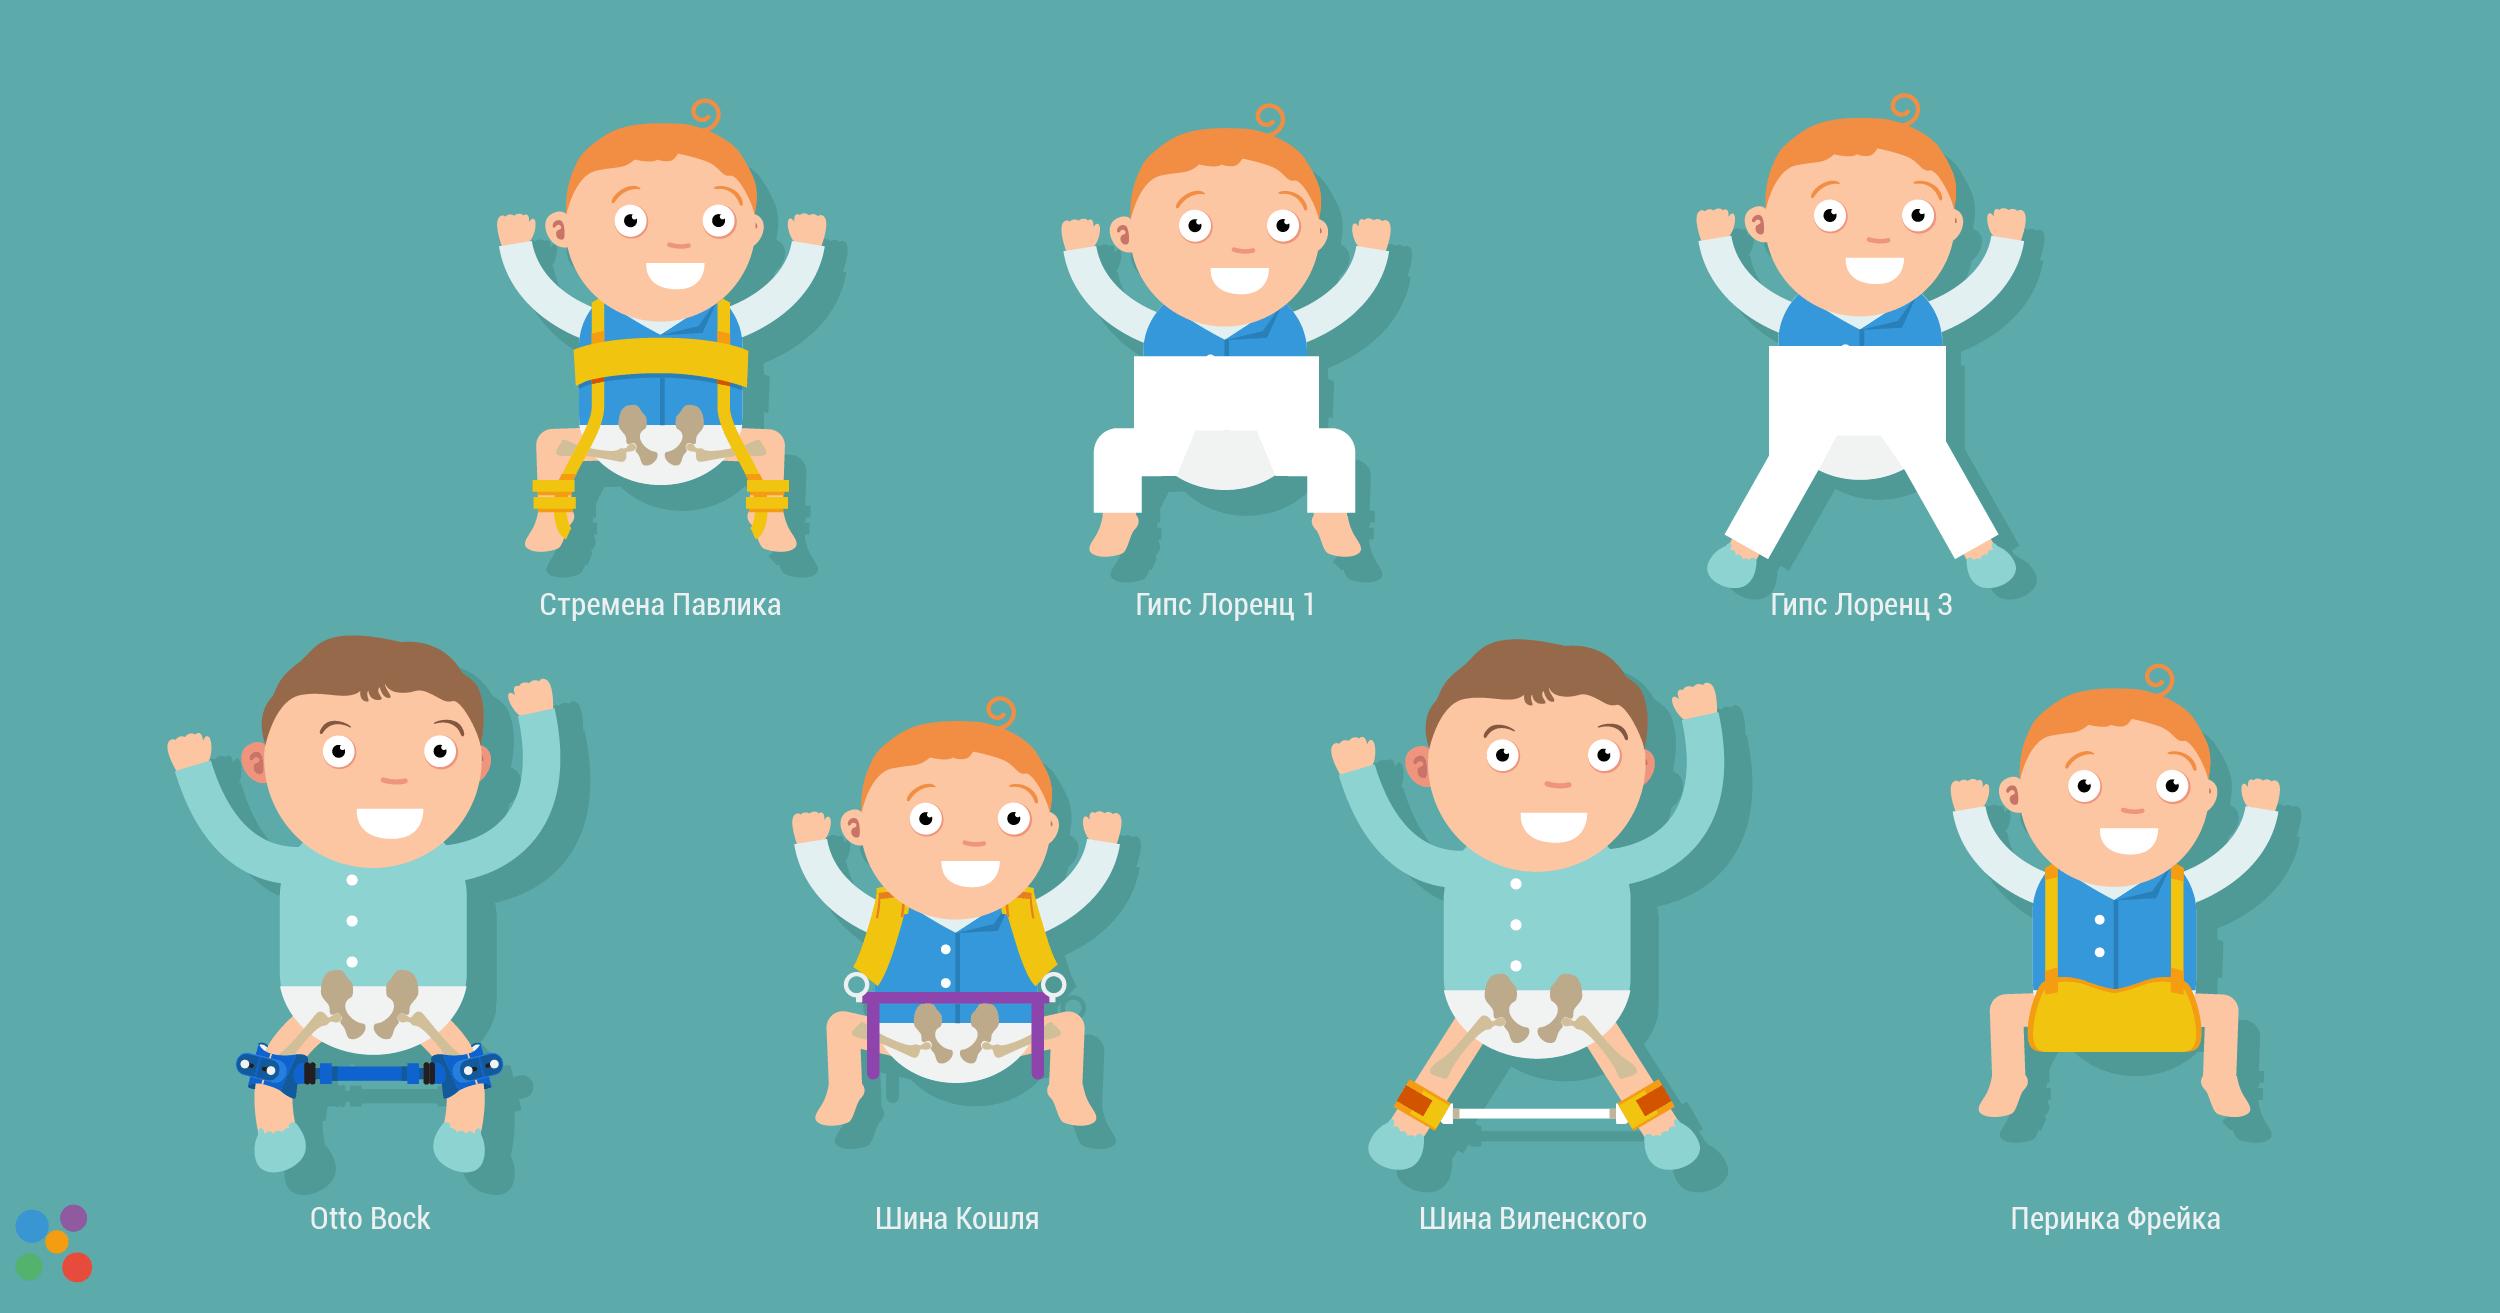 Изображение - Шина при дисплазии тазобедренных суставов для ребенка RasporkiPriDysplazii